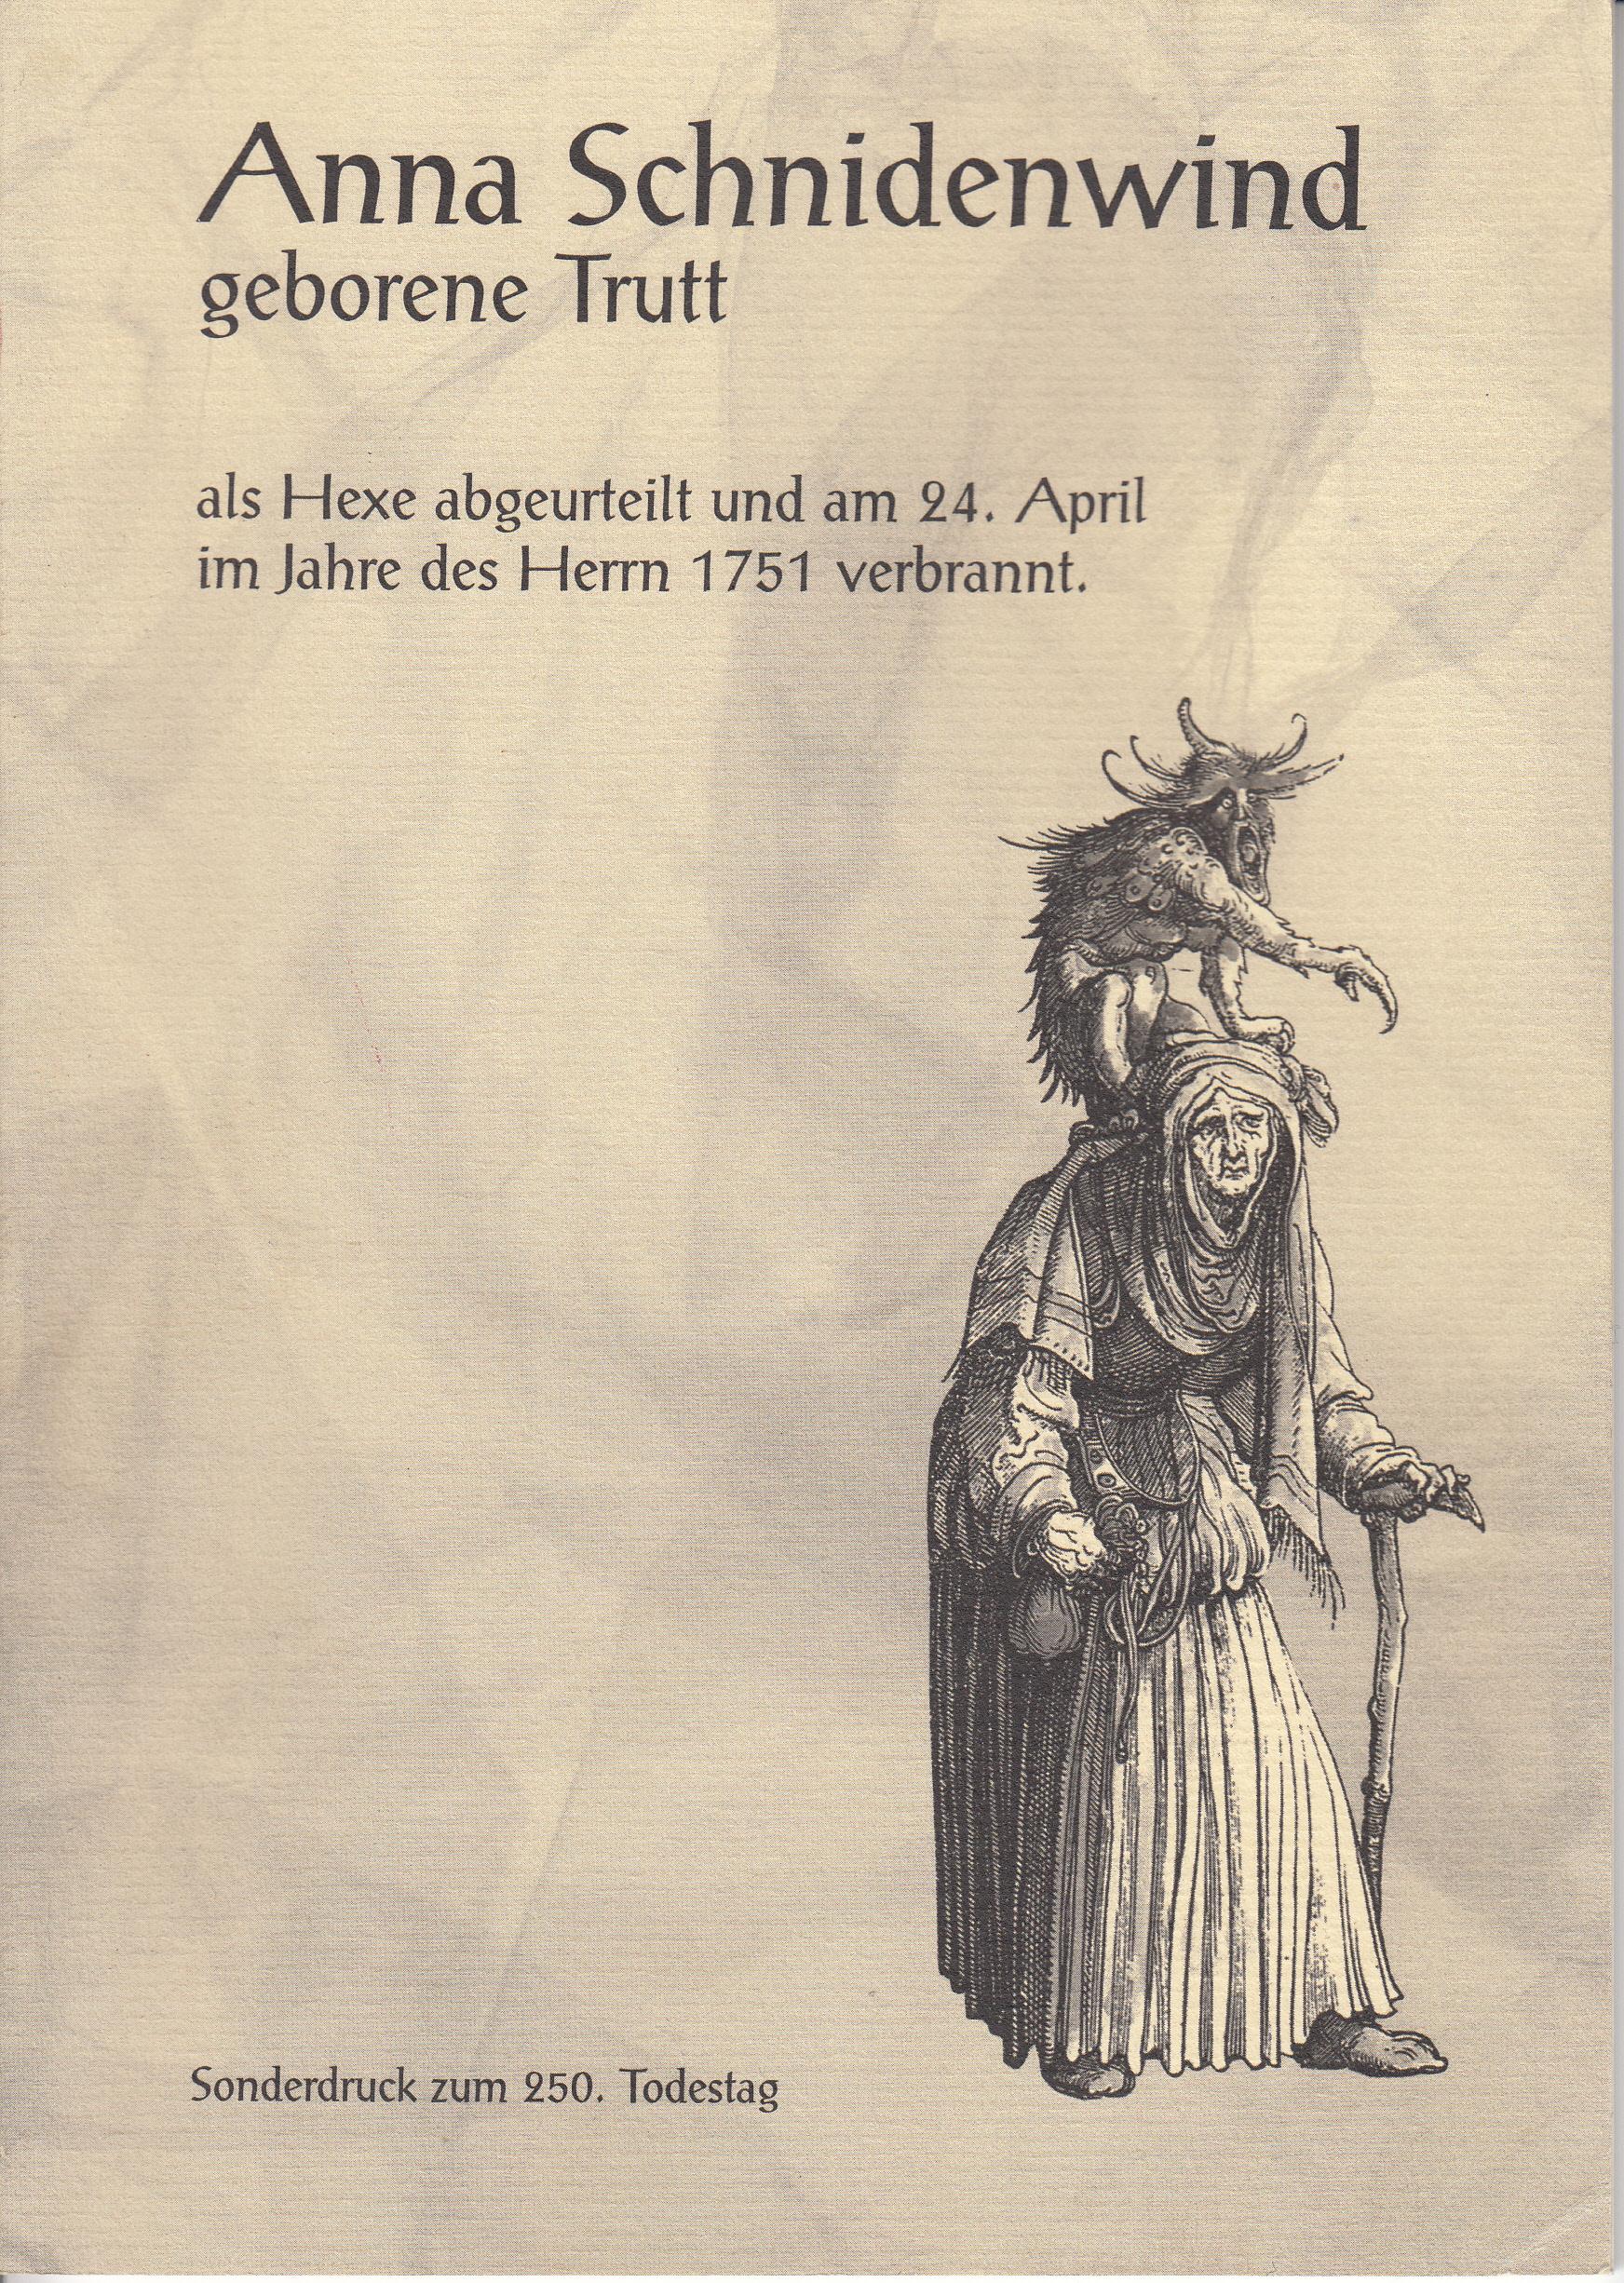 Anna Schnidenwind geborene Trutt (1688-1751)